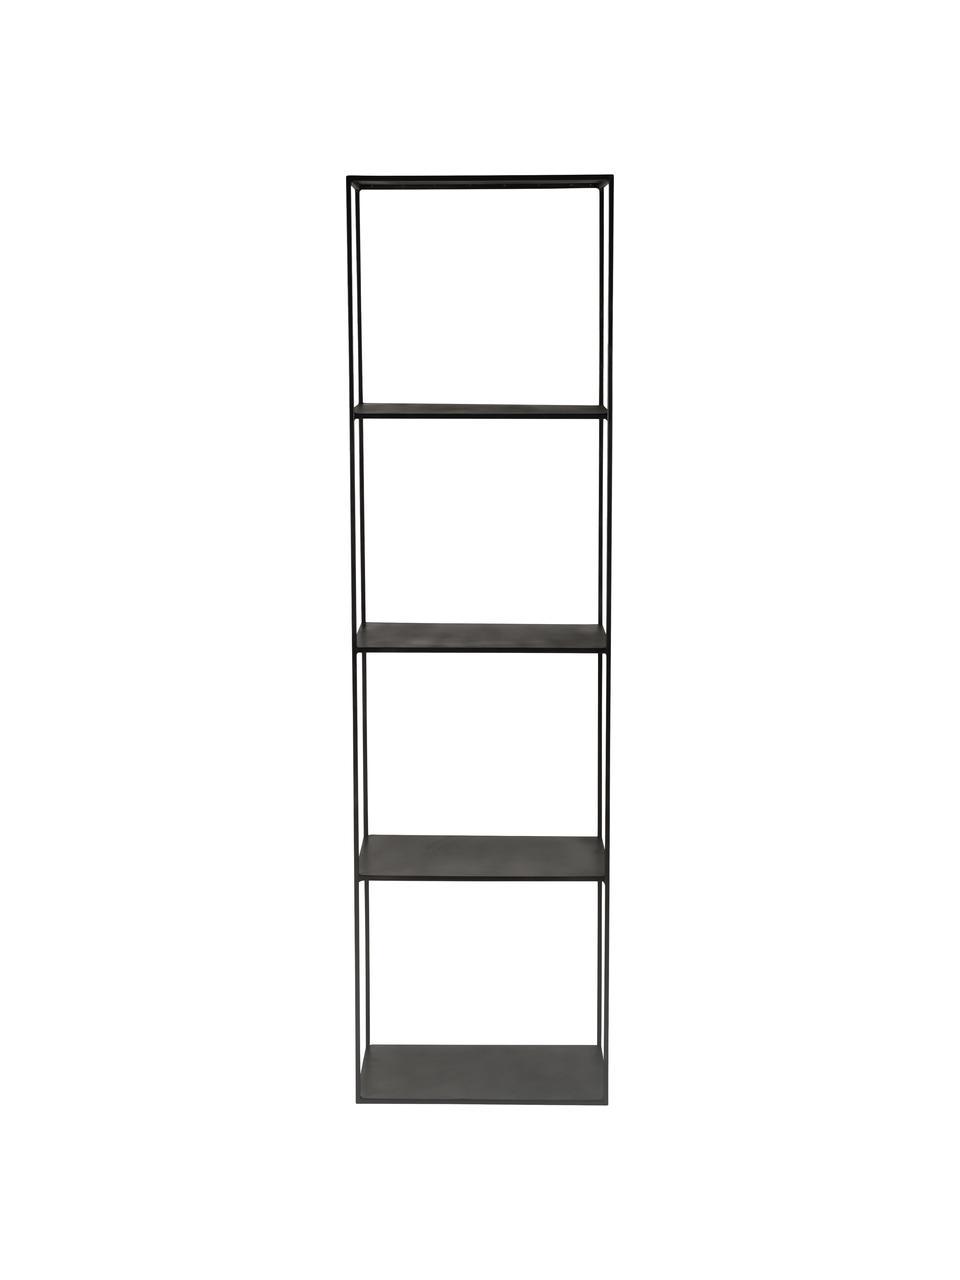 Libreria in metallo nero Expo, Metallo verniciato a polvere, Nero, Larg. 50 x Alt. 180 cm